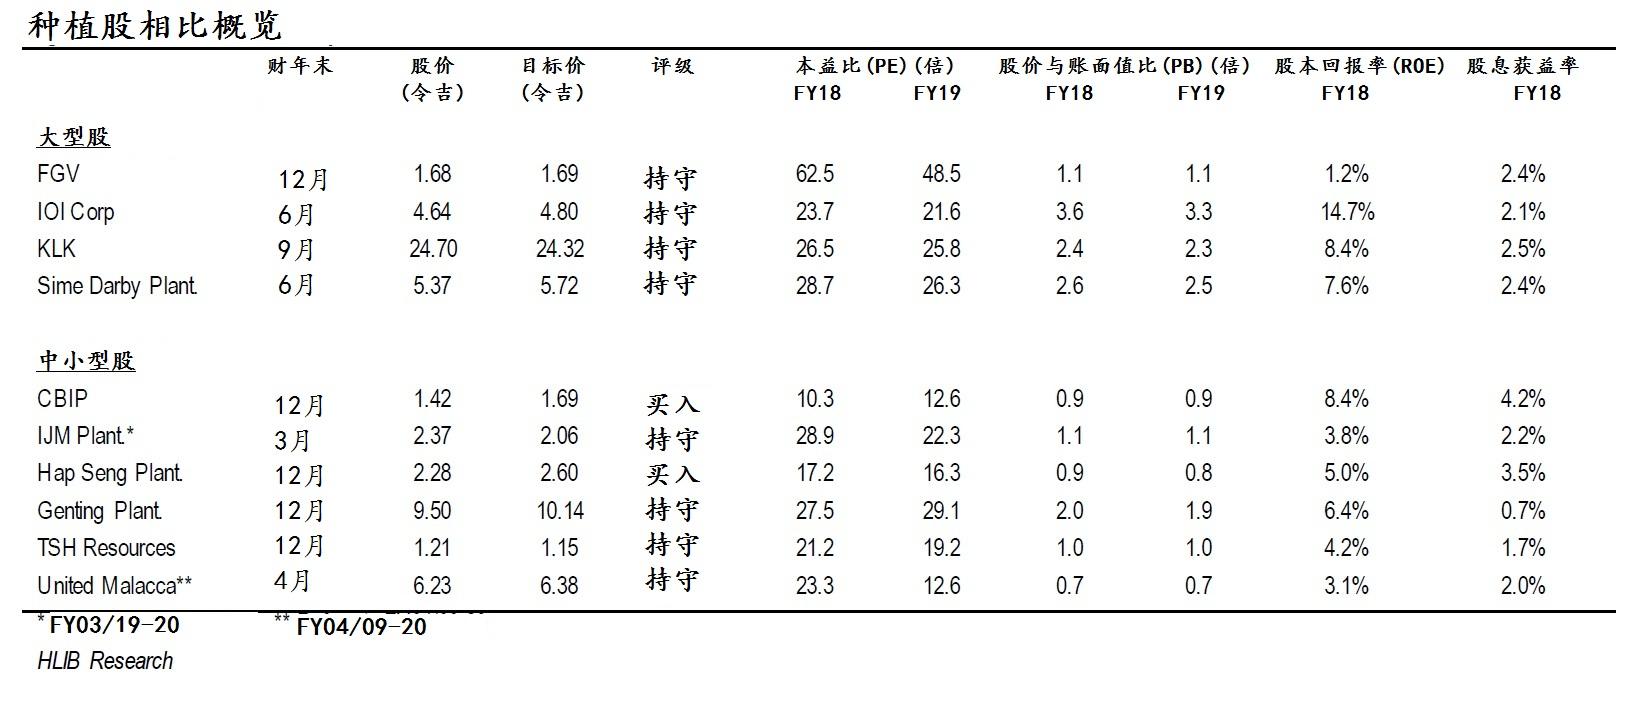 股票名称(由上至下):大型股:土展创投、IOI集团、吉隆坡甲洞、森那美种植;中小型股:CB工业产品、怡保种植(2216,IJMPLNT)、合成种植、云顶种植(2291,GENP)、陈顺风资源(9059,TSH)、联合马六甲(2593,UMCCA)。